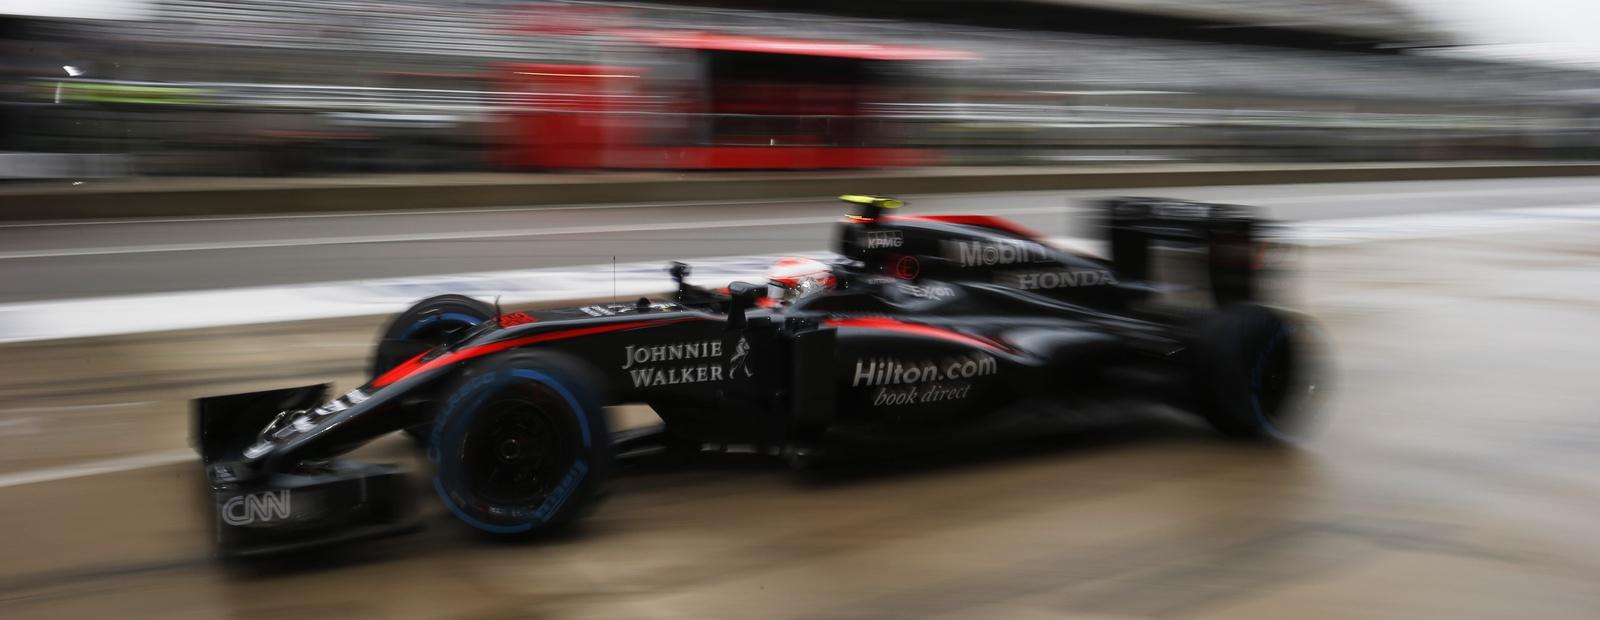 McLaren.com